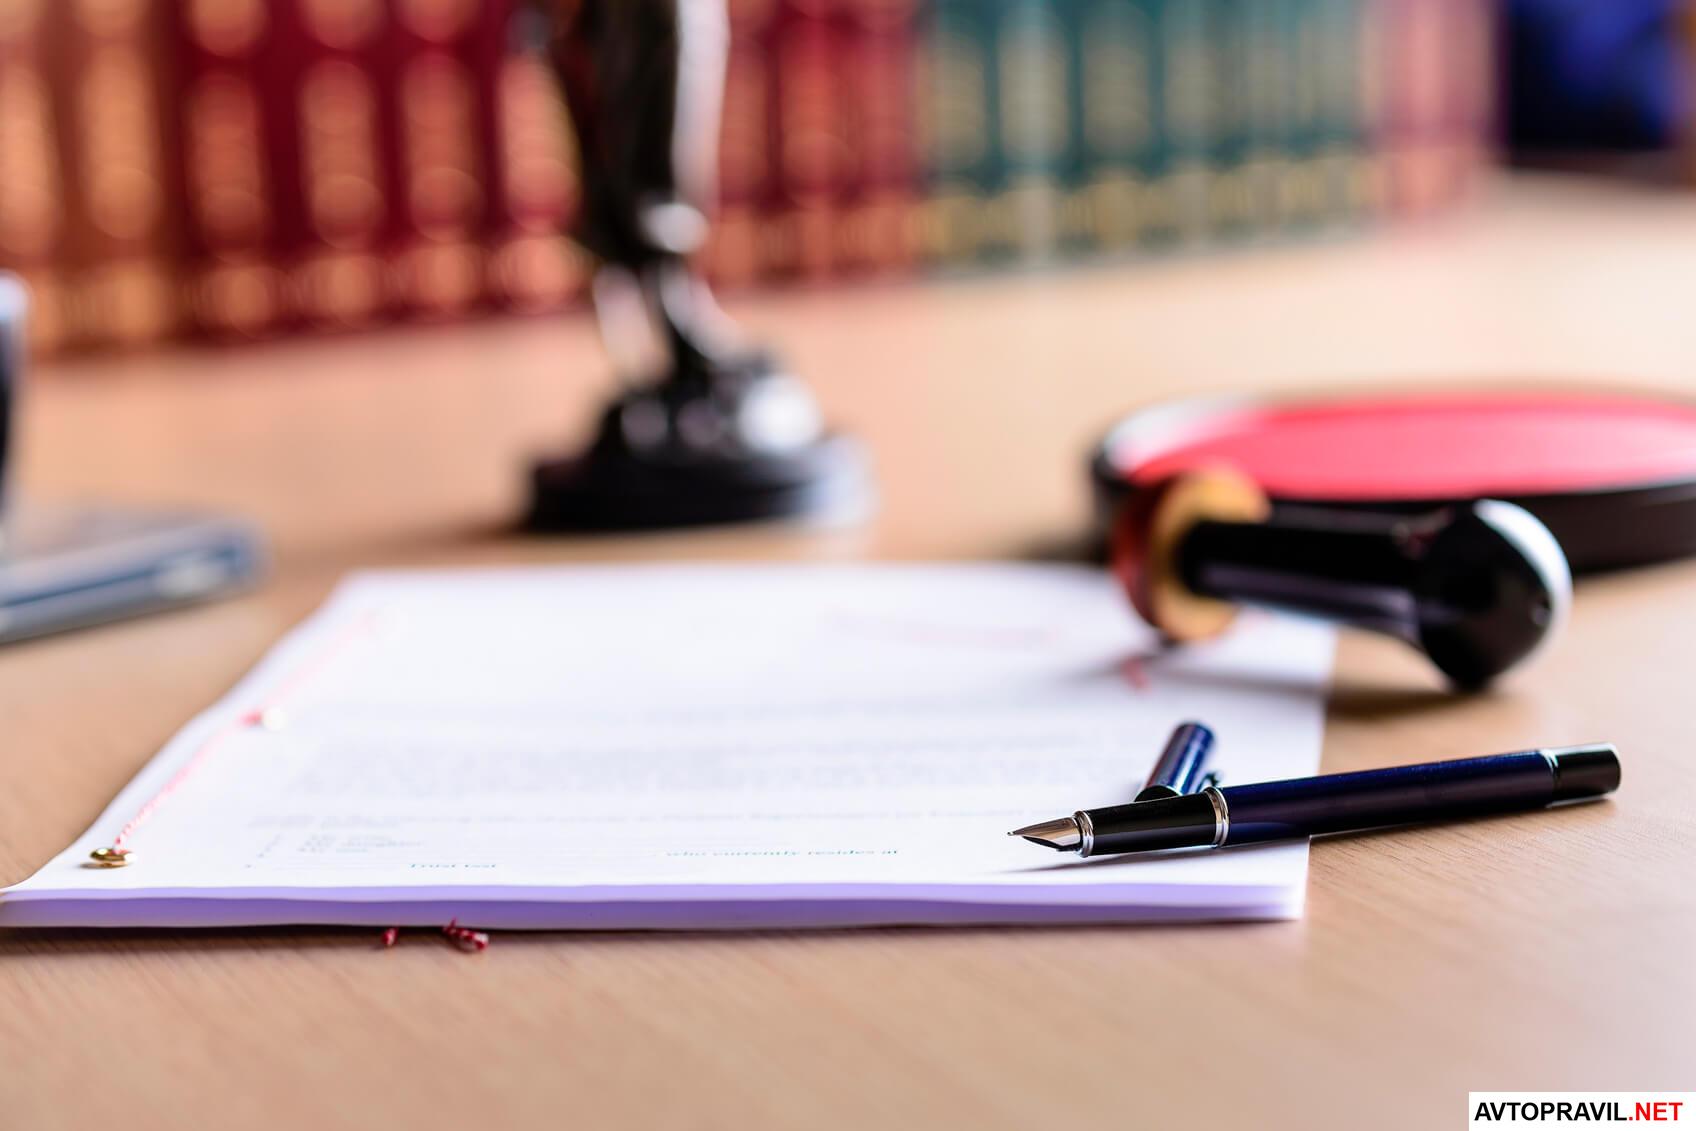 Печать нотариуса и документы с ручкой, лежащие на столе